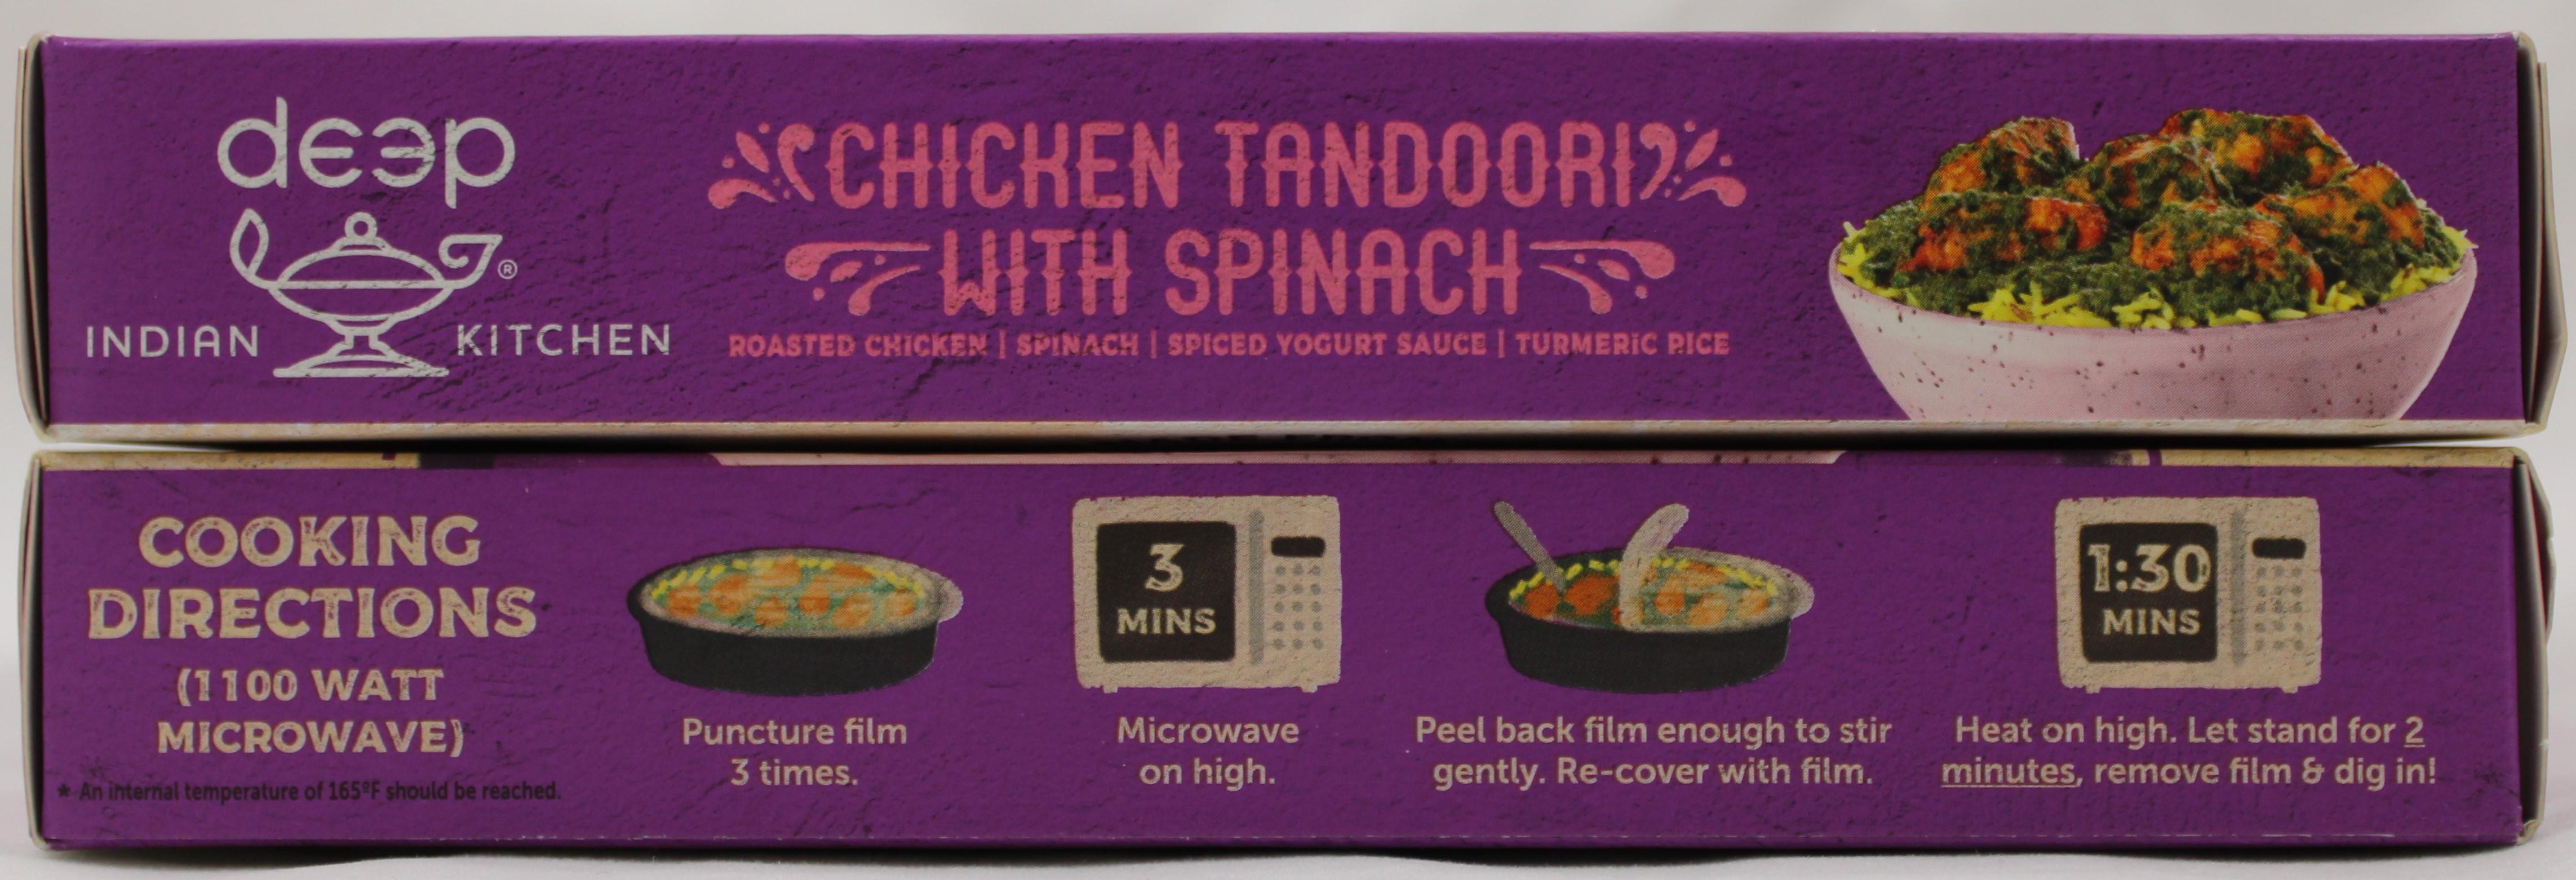 Spnch ChknTikka w Turmeric rice 9oz